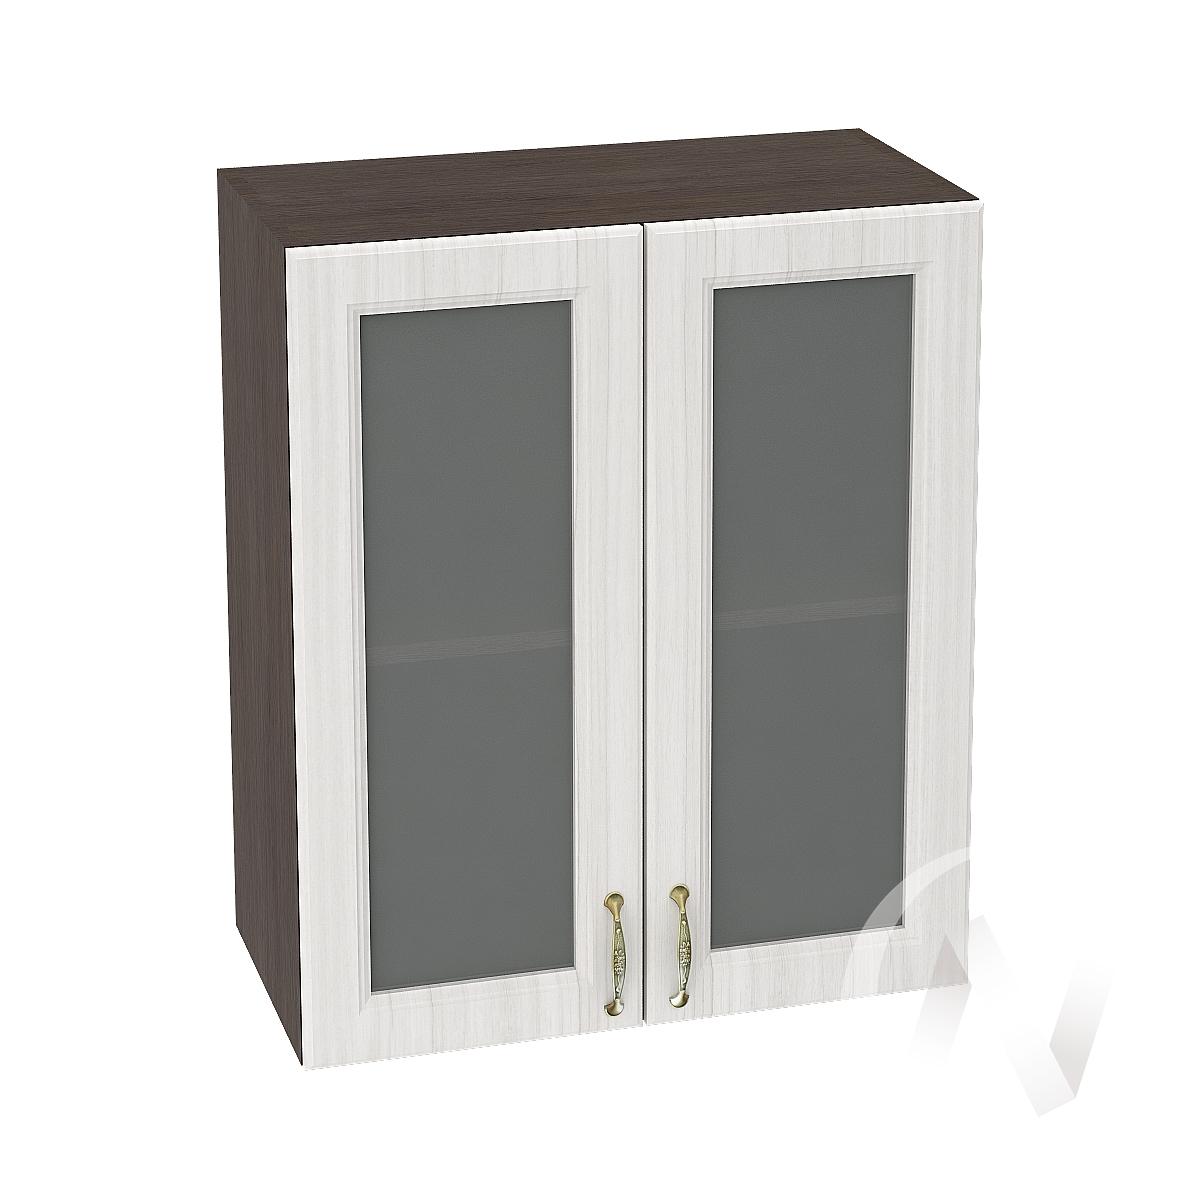 """Кухня """"Виктория"""": Шкаф верхний со стеклом 600, ШВС 600 новый (корпус венге)"""